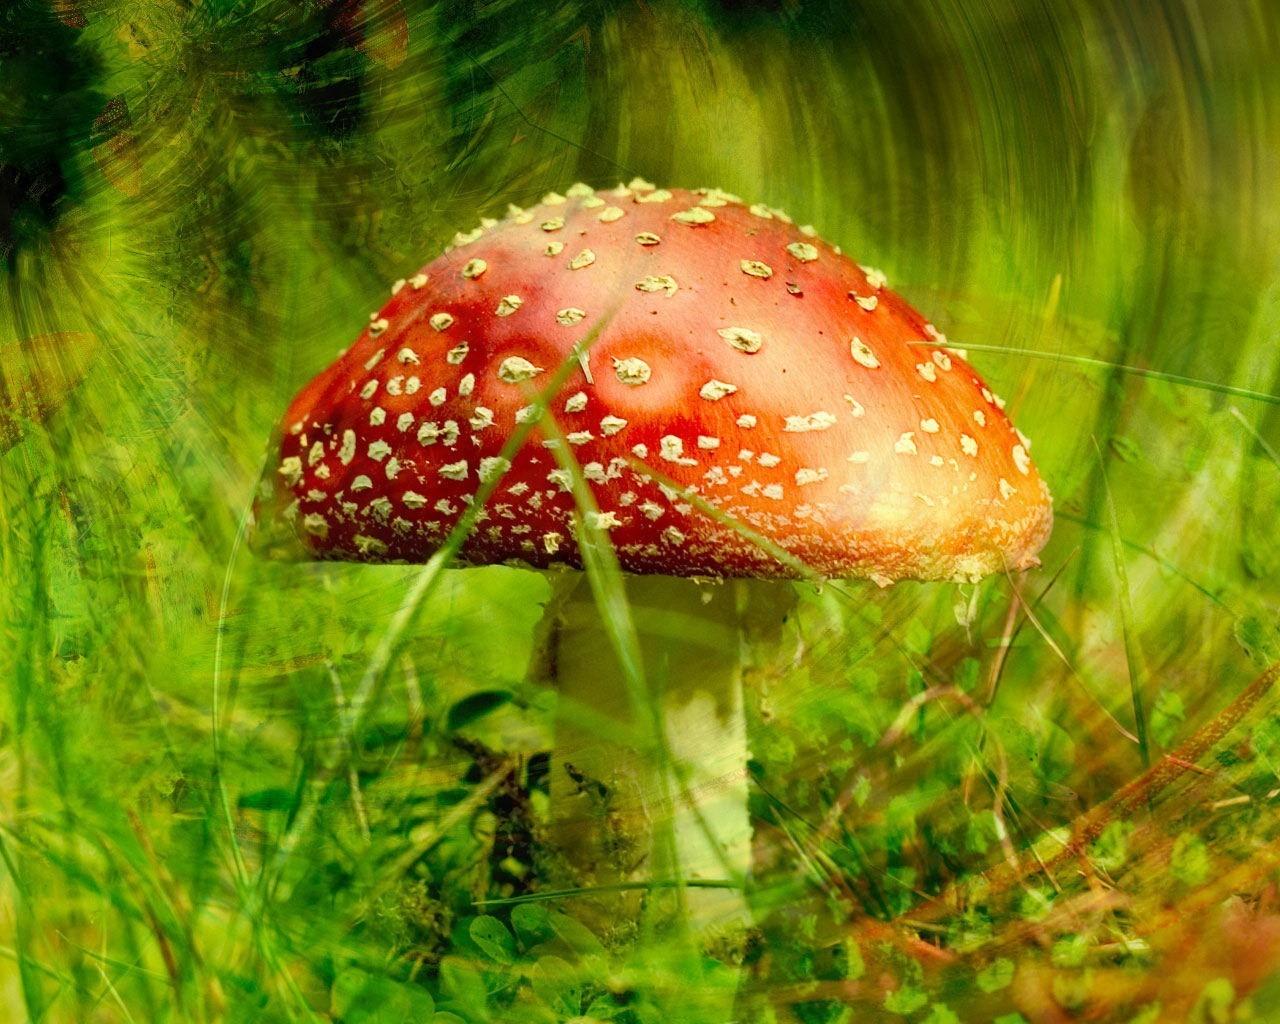 красивые картинки разных грибов